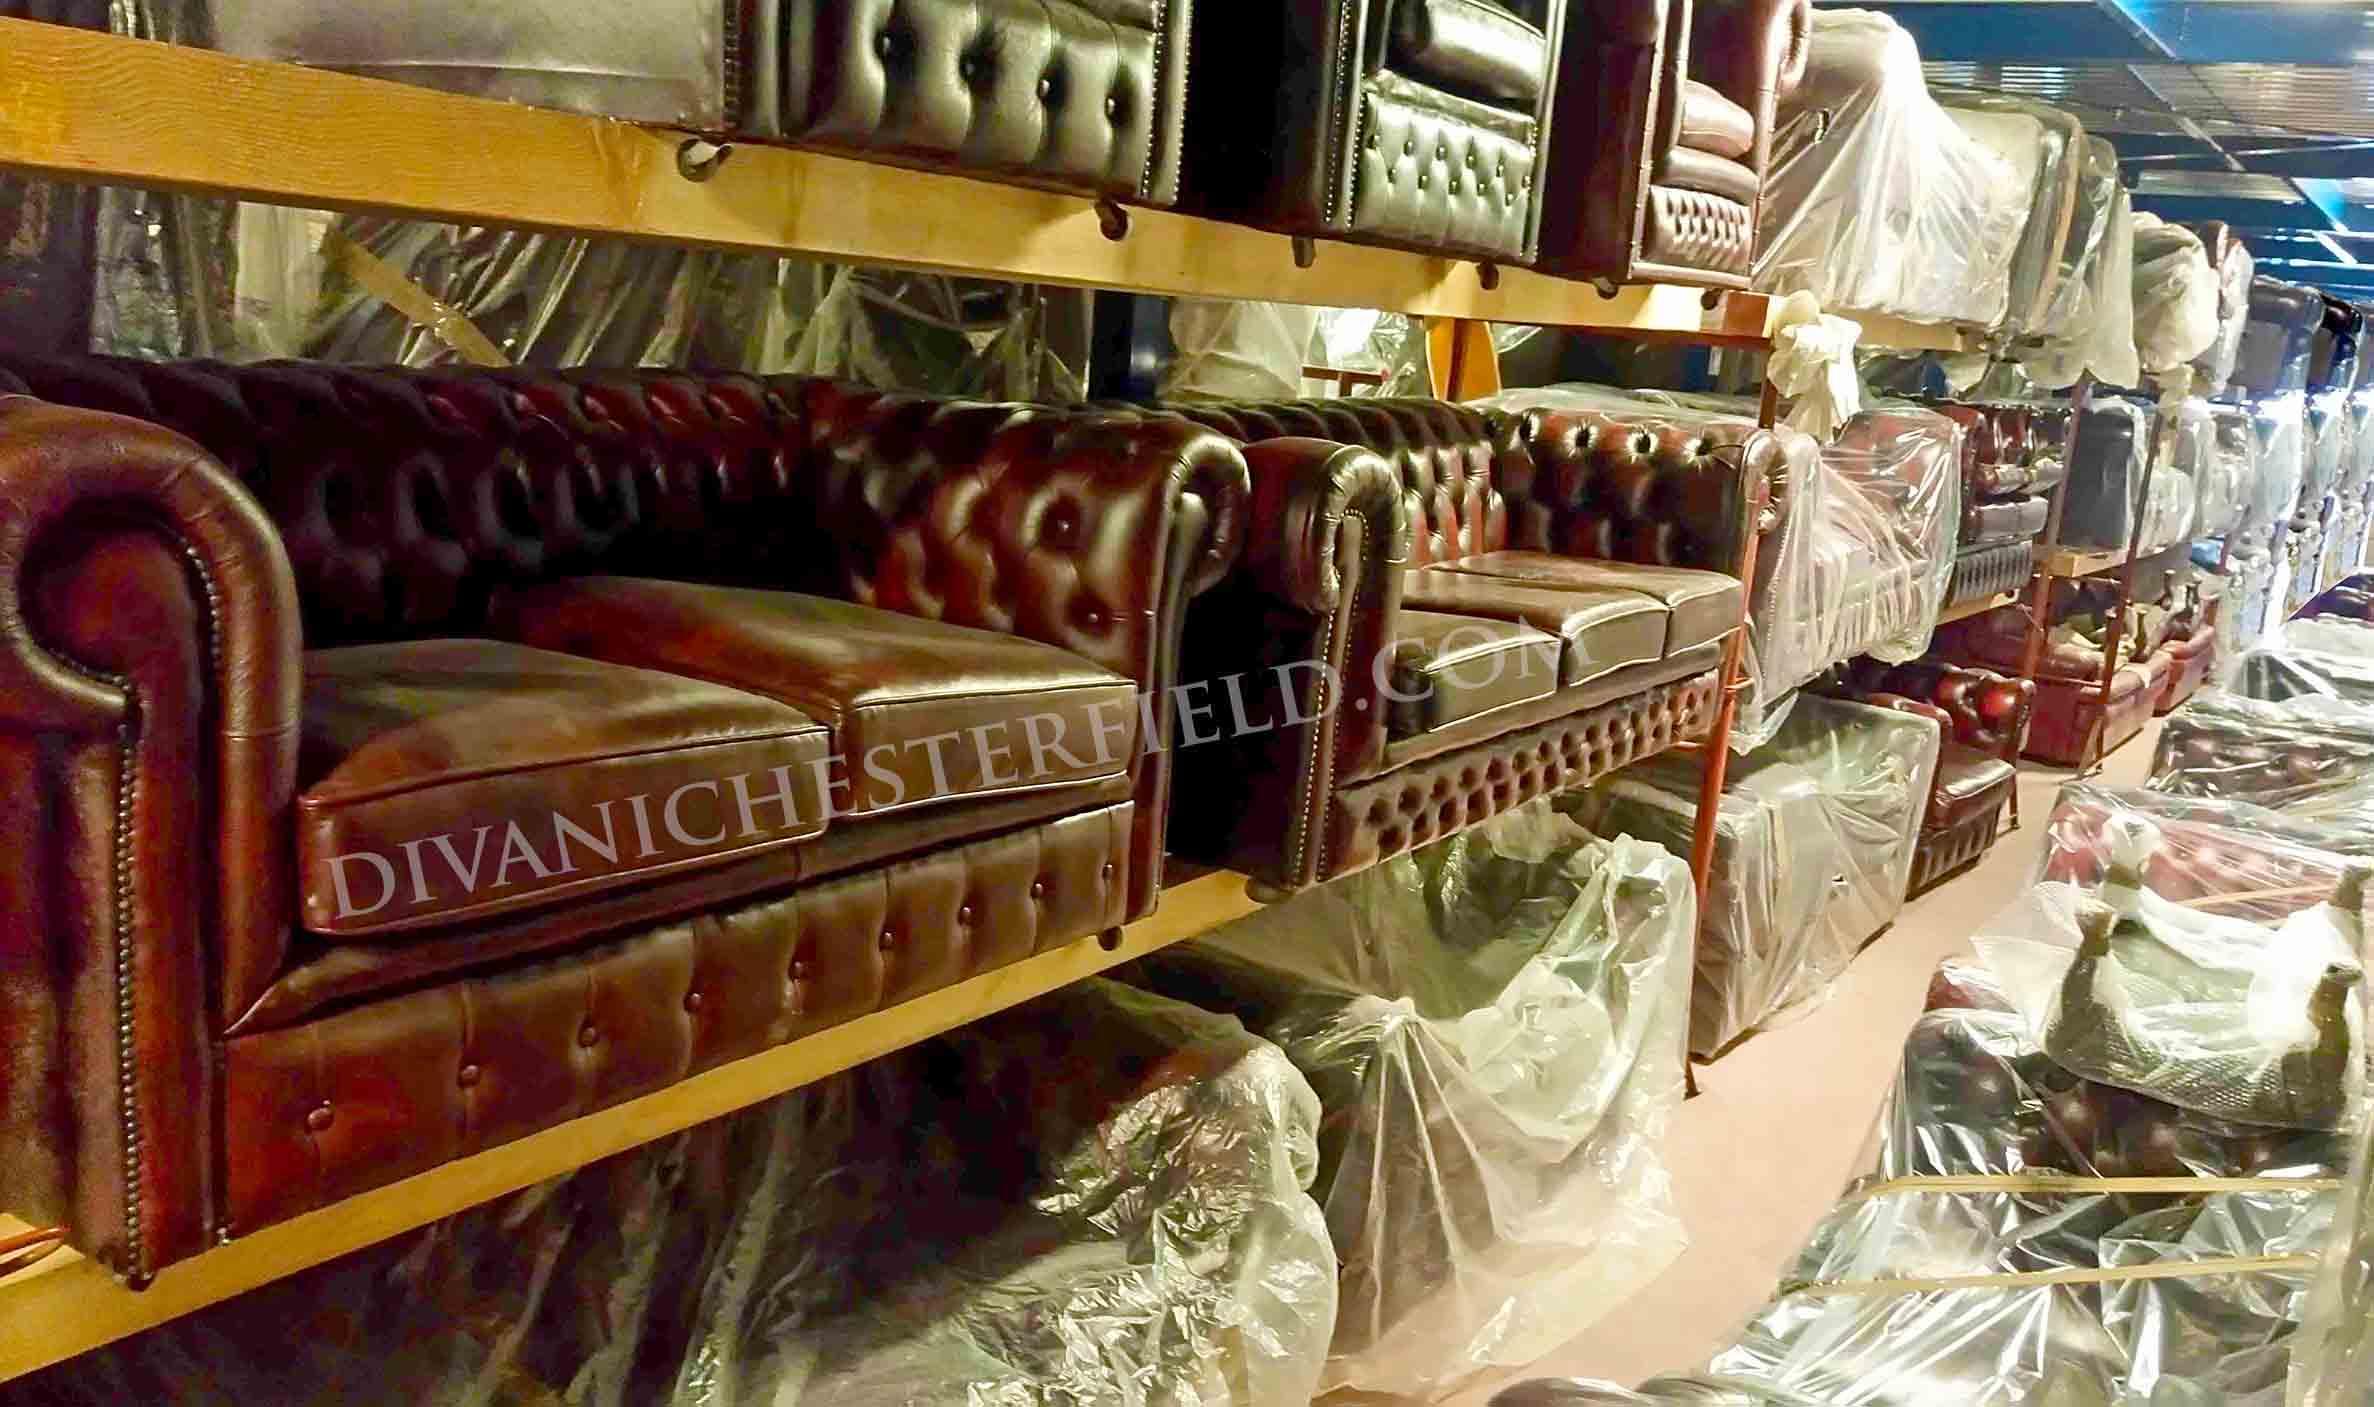 Divani chesterfield usati   divano chester usato vintage in pelle ...